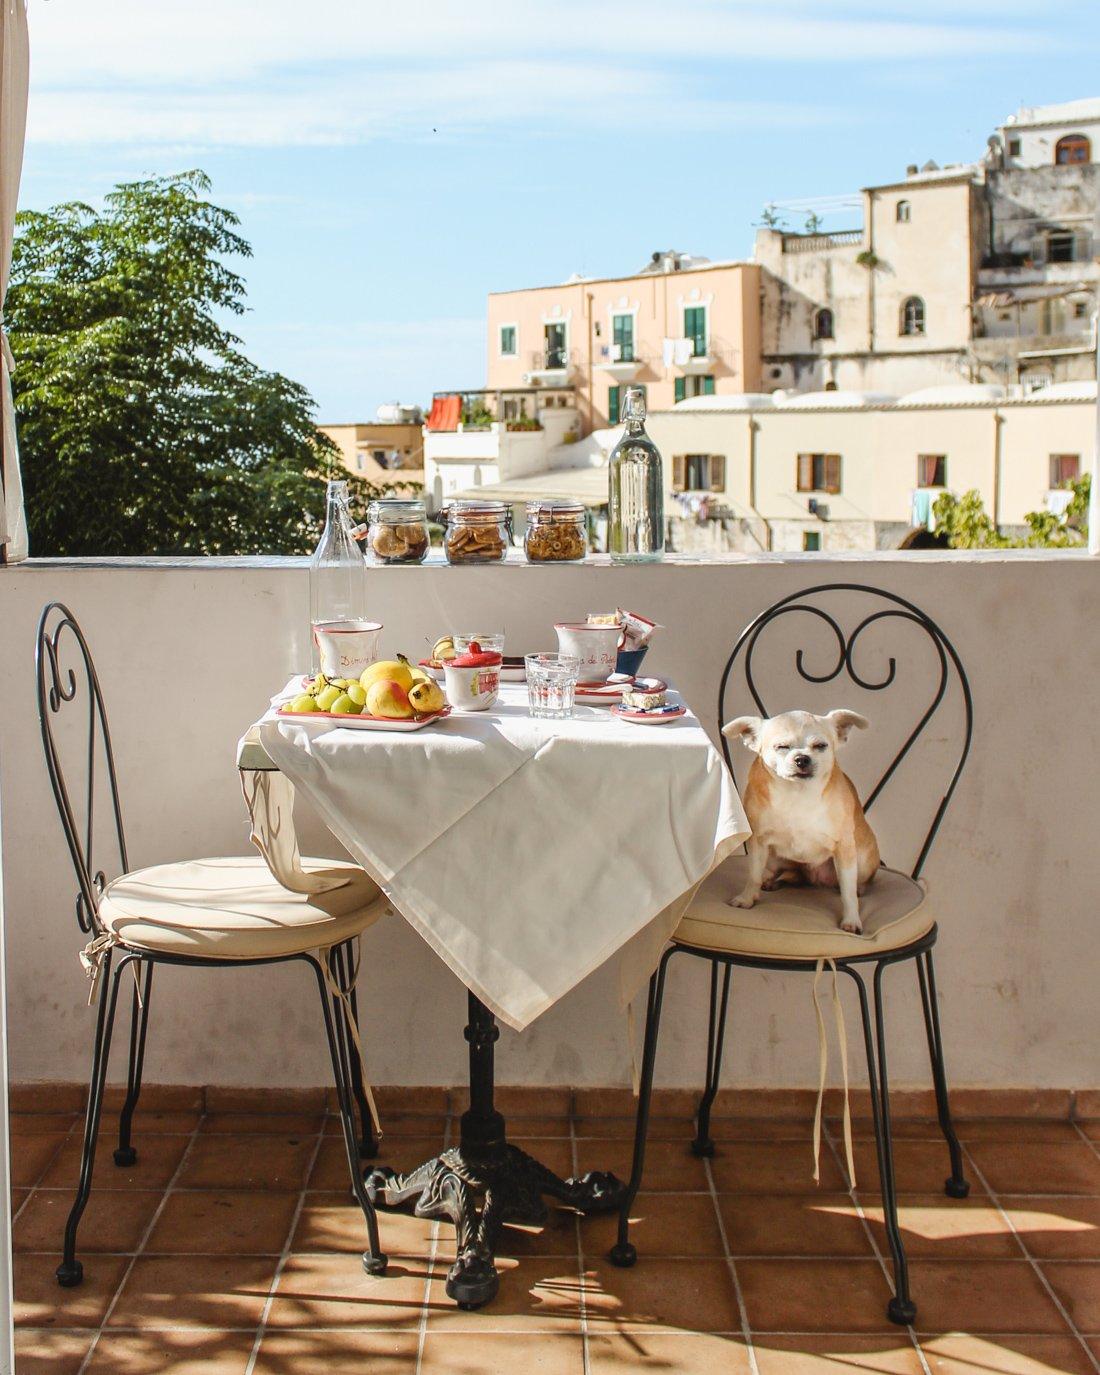 Hotel in Positano-